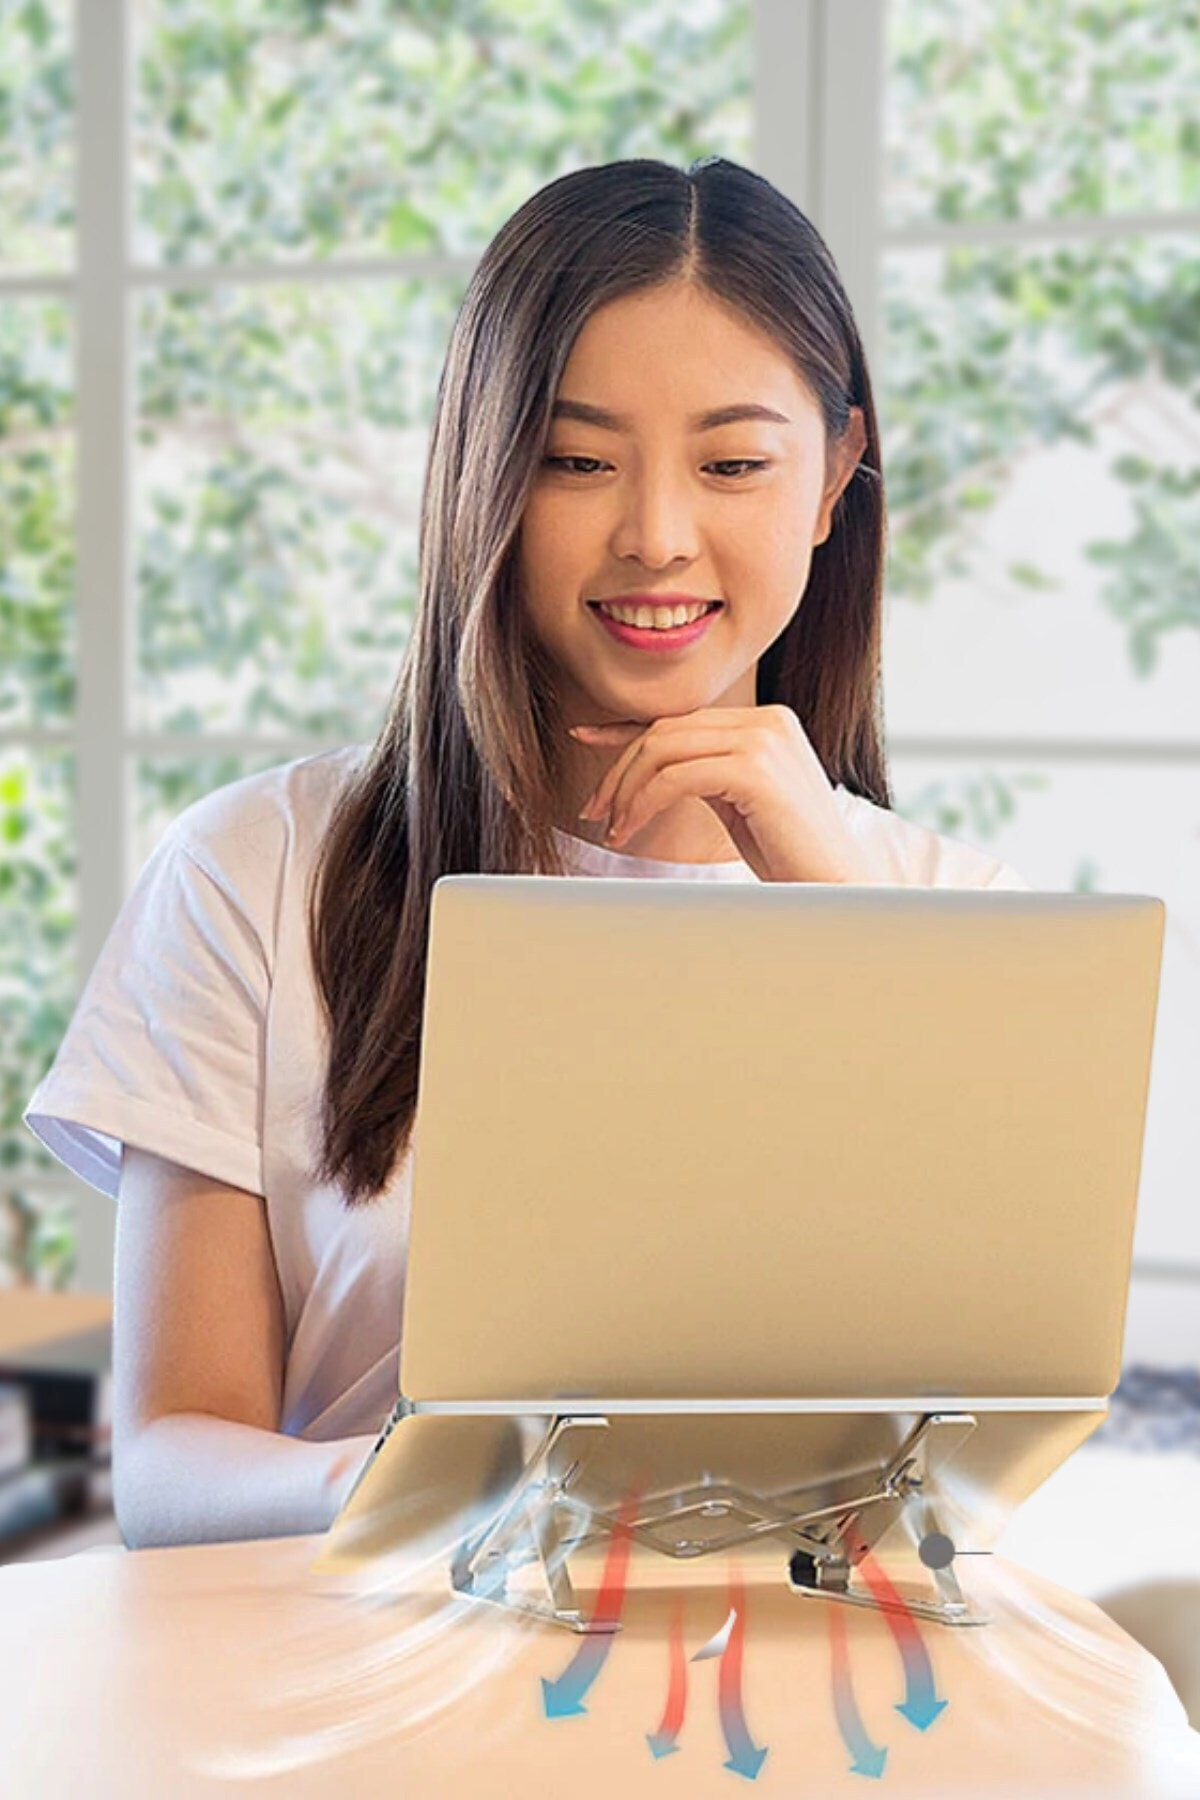 Buffer Metal Ayarlanabilir Dizüstü Destek Tabanı Tamamen Katlanabilir Taşınabilir Laptop Yükseltici 2